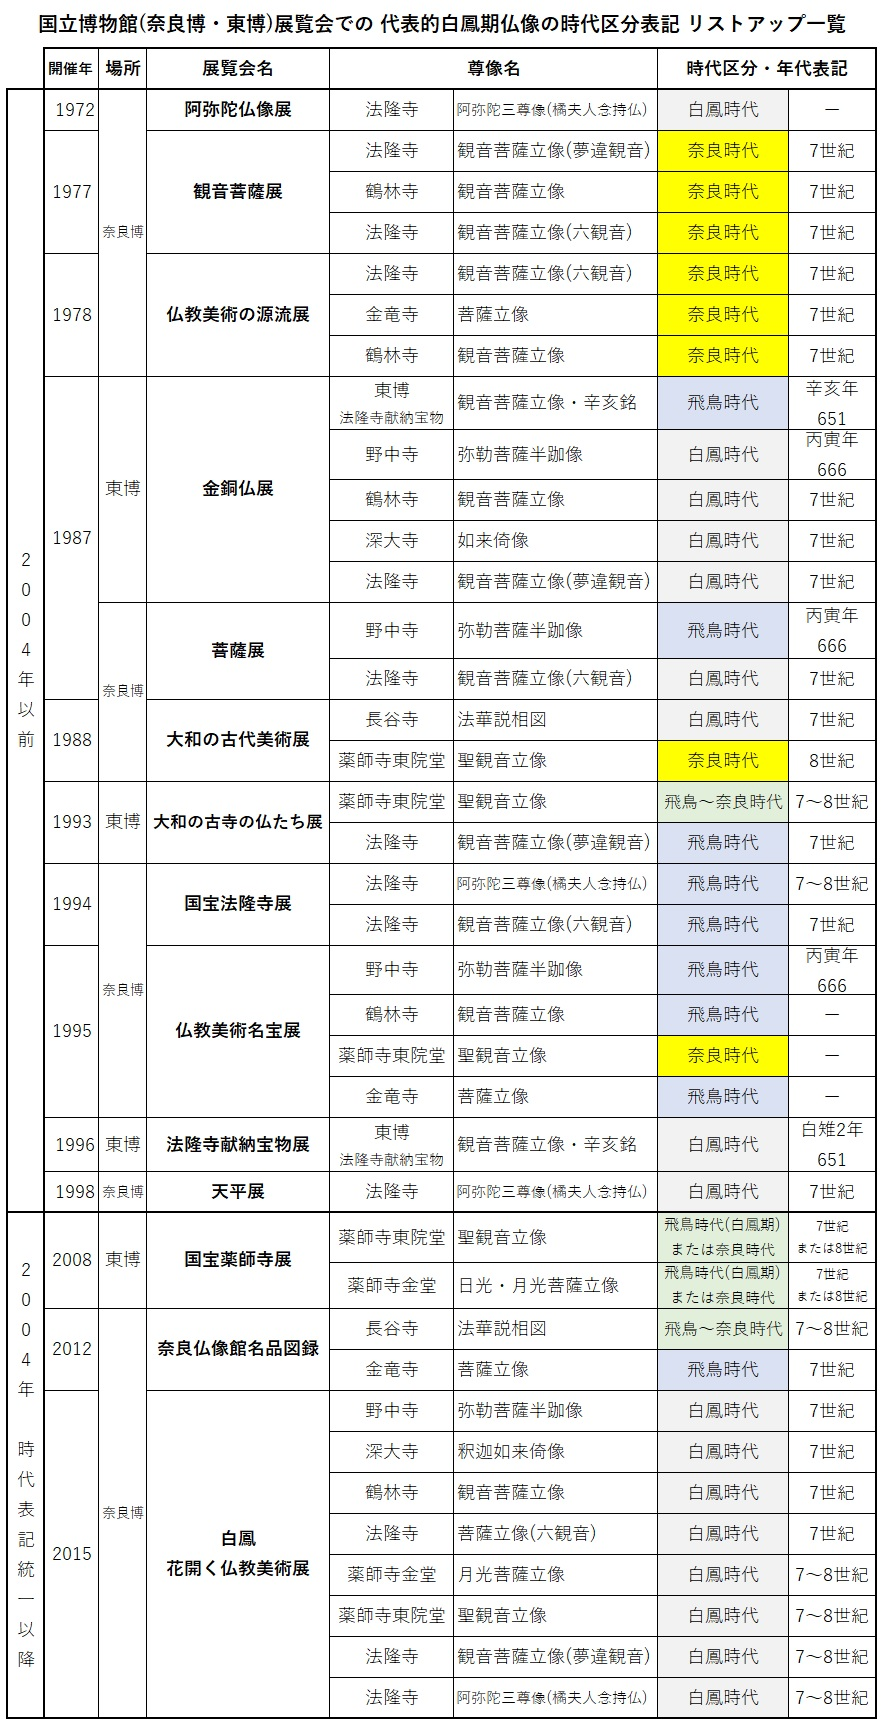 213.美術史時代区分①:奈良博・東博展覧会の白鳳仏像時代表記